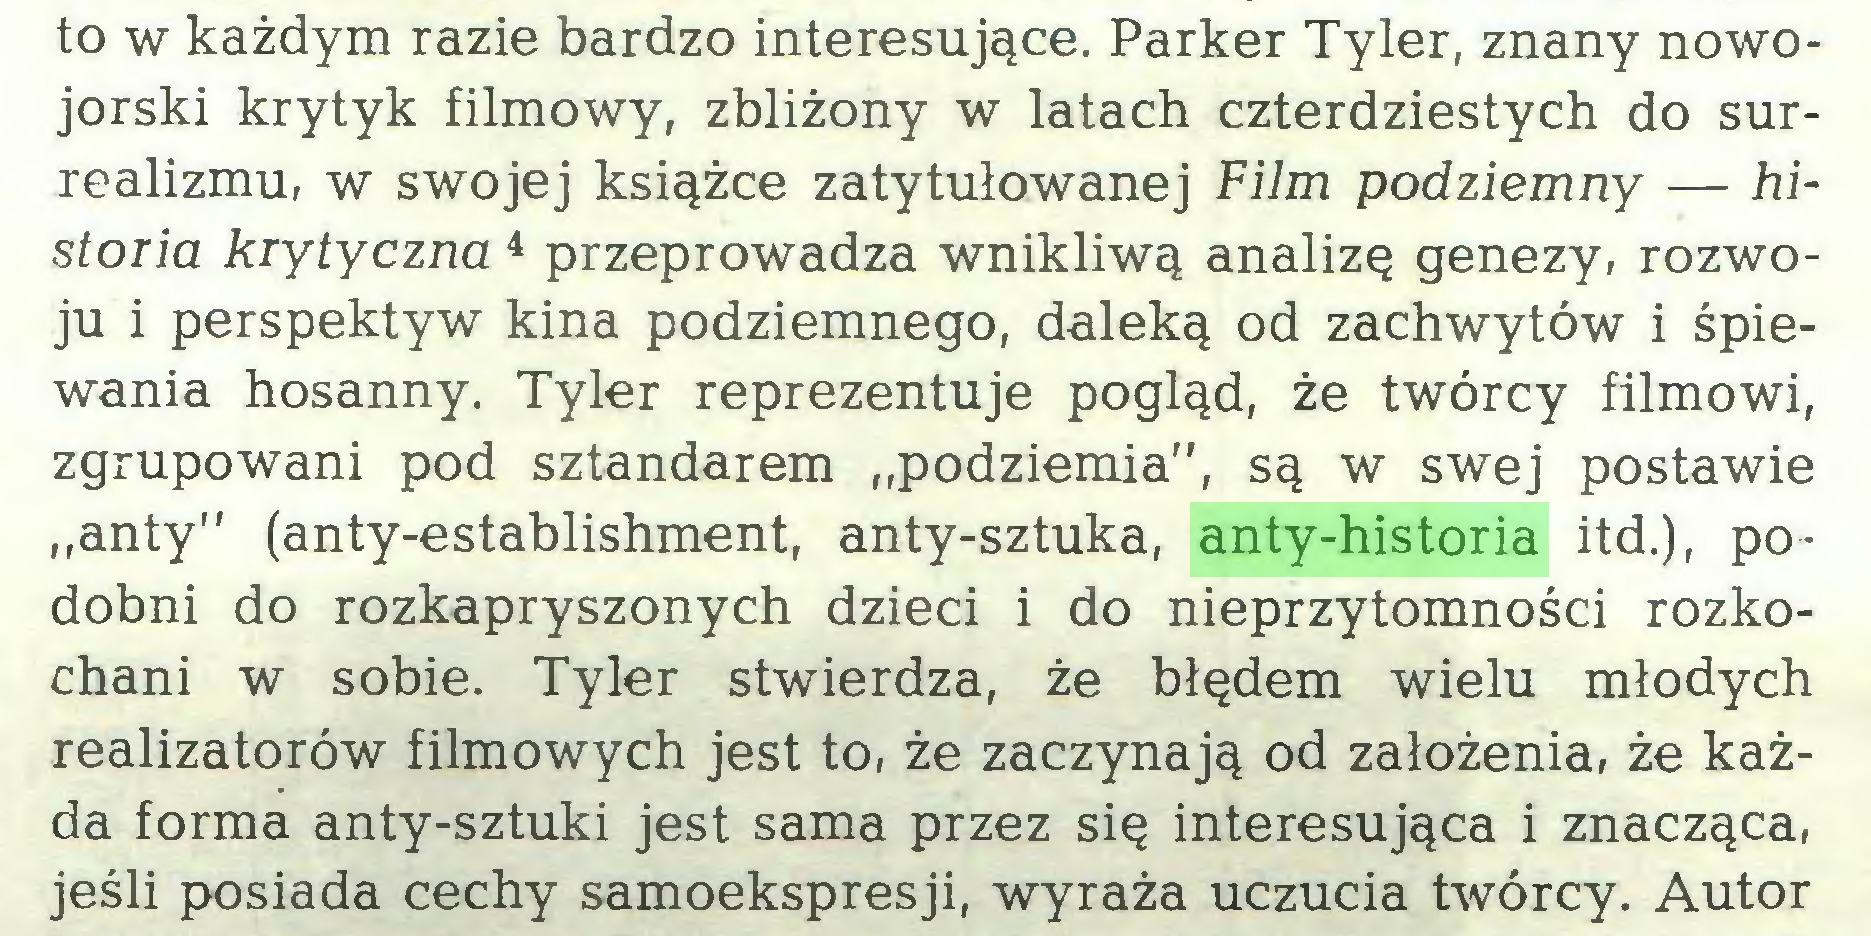 """(...) to w każdym razie bardzo interesujące. Parker Tyler, znany nowojorski krytyk filmowy, zbliżony w latach czterdziestych do surrealizmu, w swojej książce zatytułowanej Film podziemny — historia krytyczna 4 przeprowadza wnikliwą analizę genezy, rozwoju i perspektyw kina podziemnego, daleką od zachwytów i śpiewania hosanny. Tyler reprezentuje pogląd, że twórcy filmowi, zgrupowani pod sztandarem """"podziemia"""", są w swej postawie """"anty"""" (anty-establishment, anty-sztuka, anty-historia itd.), podobni do rozkapryszonych dzieci i do nieprzytomności rozkochani w sobie. Tyler stwierdza, że błędem wielu młodych realizatorów filmowych jest to, że zaczynają od założenia, że każda forma anty-sztuki jest sama przez się interesująca i znacząca, jeśli posiada cechy samoekspresji, wyraża uczucia twórcy. Autor..."""